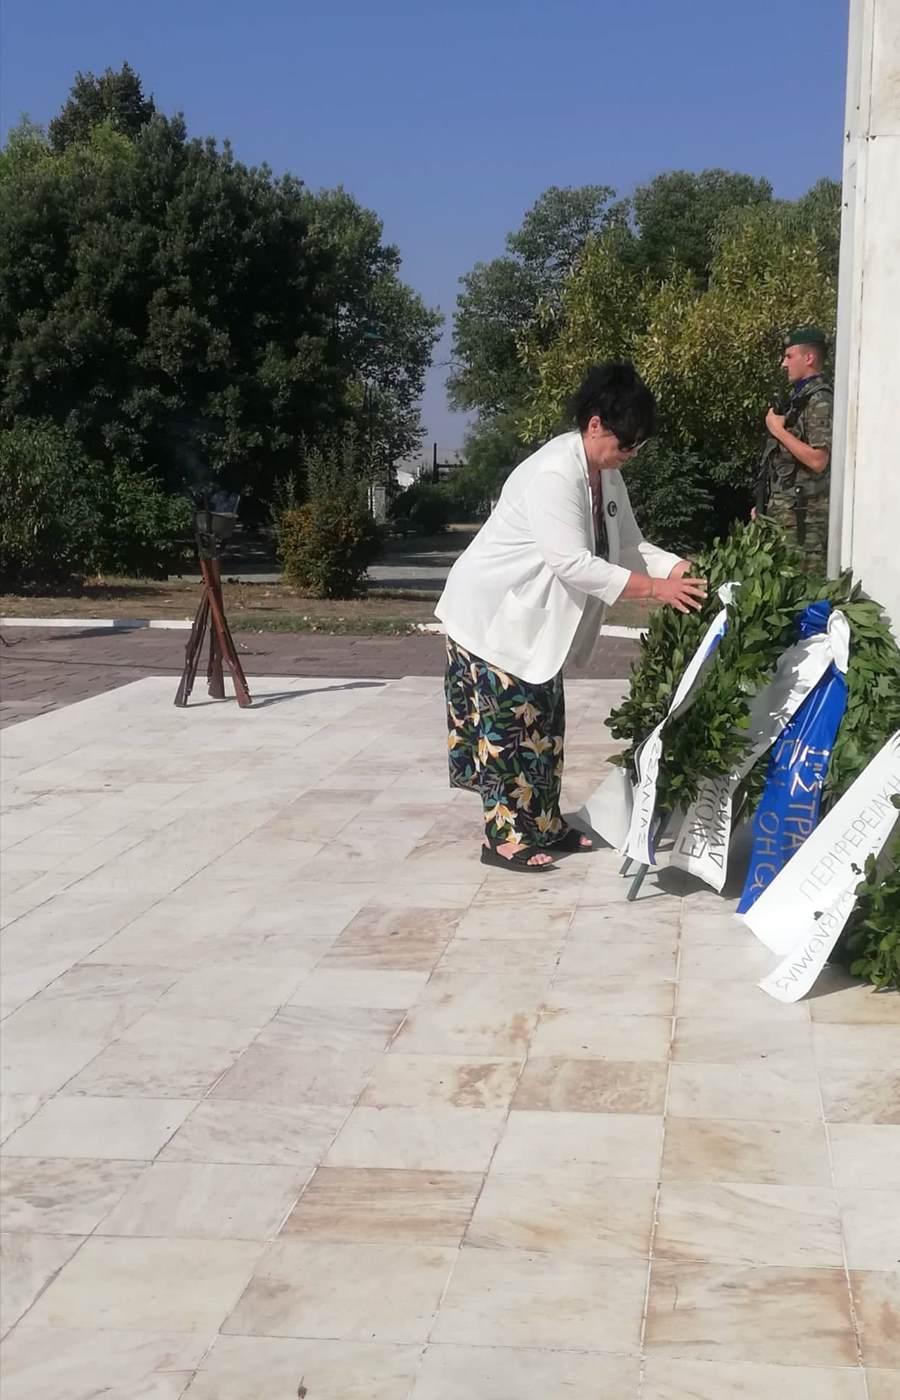 Κατάθεση στεφάνου για την Ημέρα Εθνικής Μνήμης Γενοκτονίας των Ελλήνων της Μικράς Ασίας από την Άννα Βαγενά